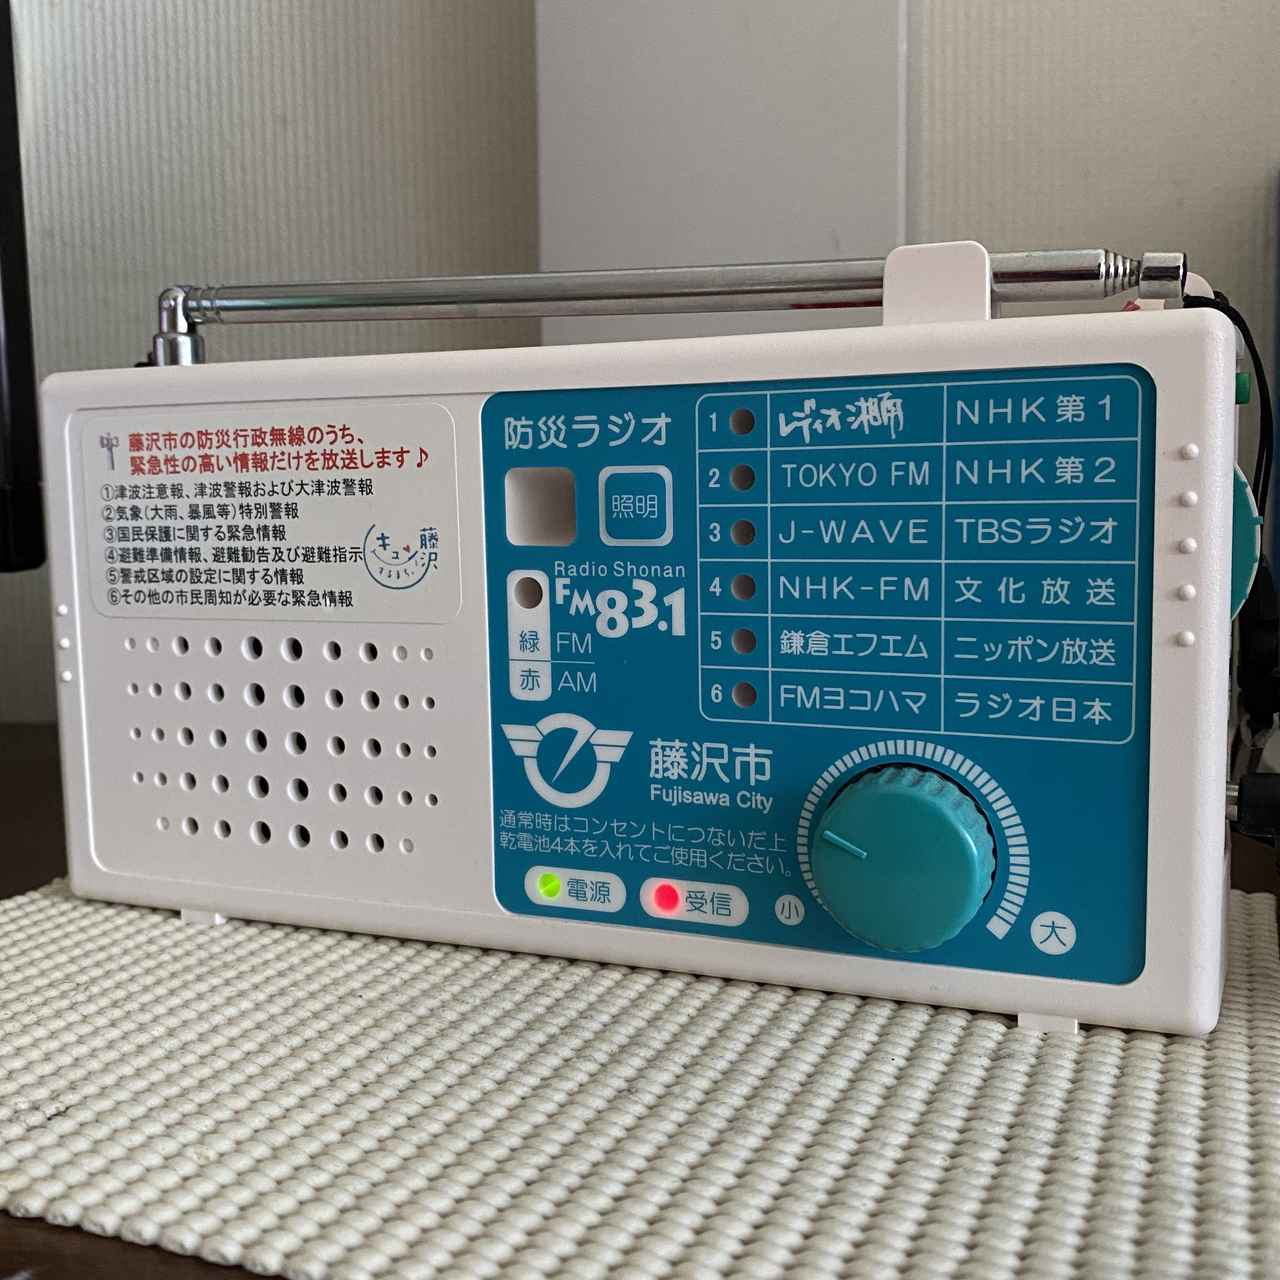 画像: 藤沢市の防災ラジオ(有償配布)。 常時通電させておくと、防災行政無線を自動で受信。普段ラジオを聴くときの設定音量に関わらず、緊急情報は大音量で流れます。